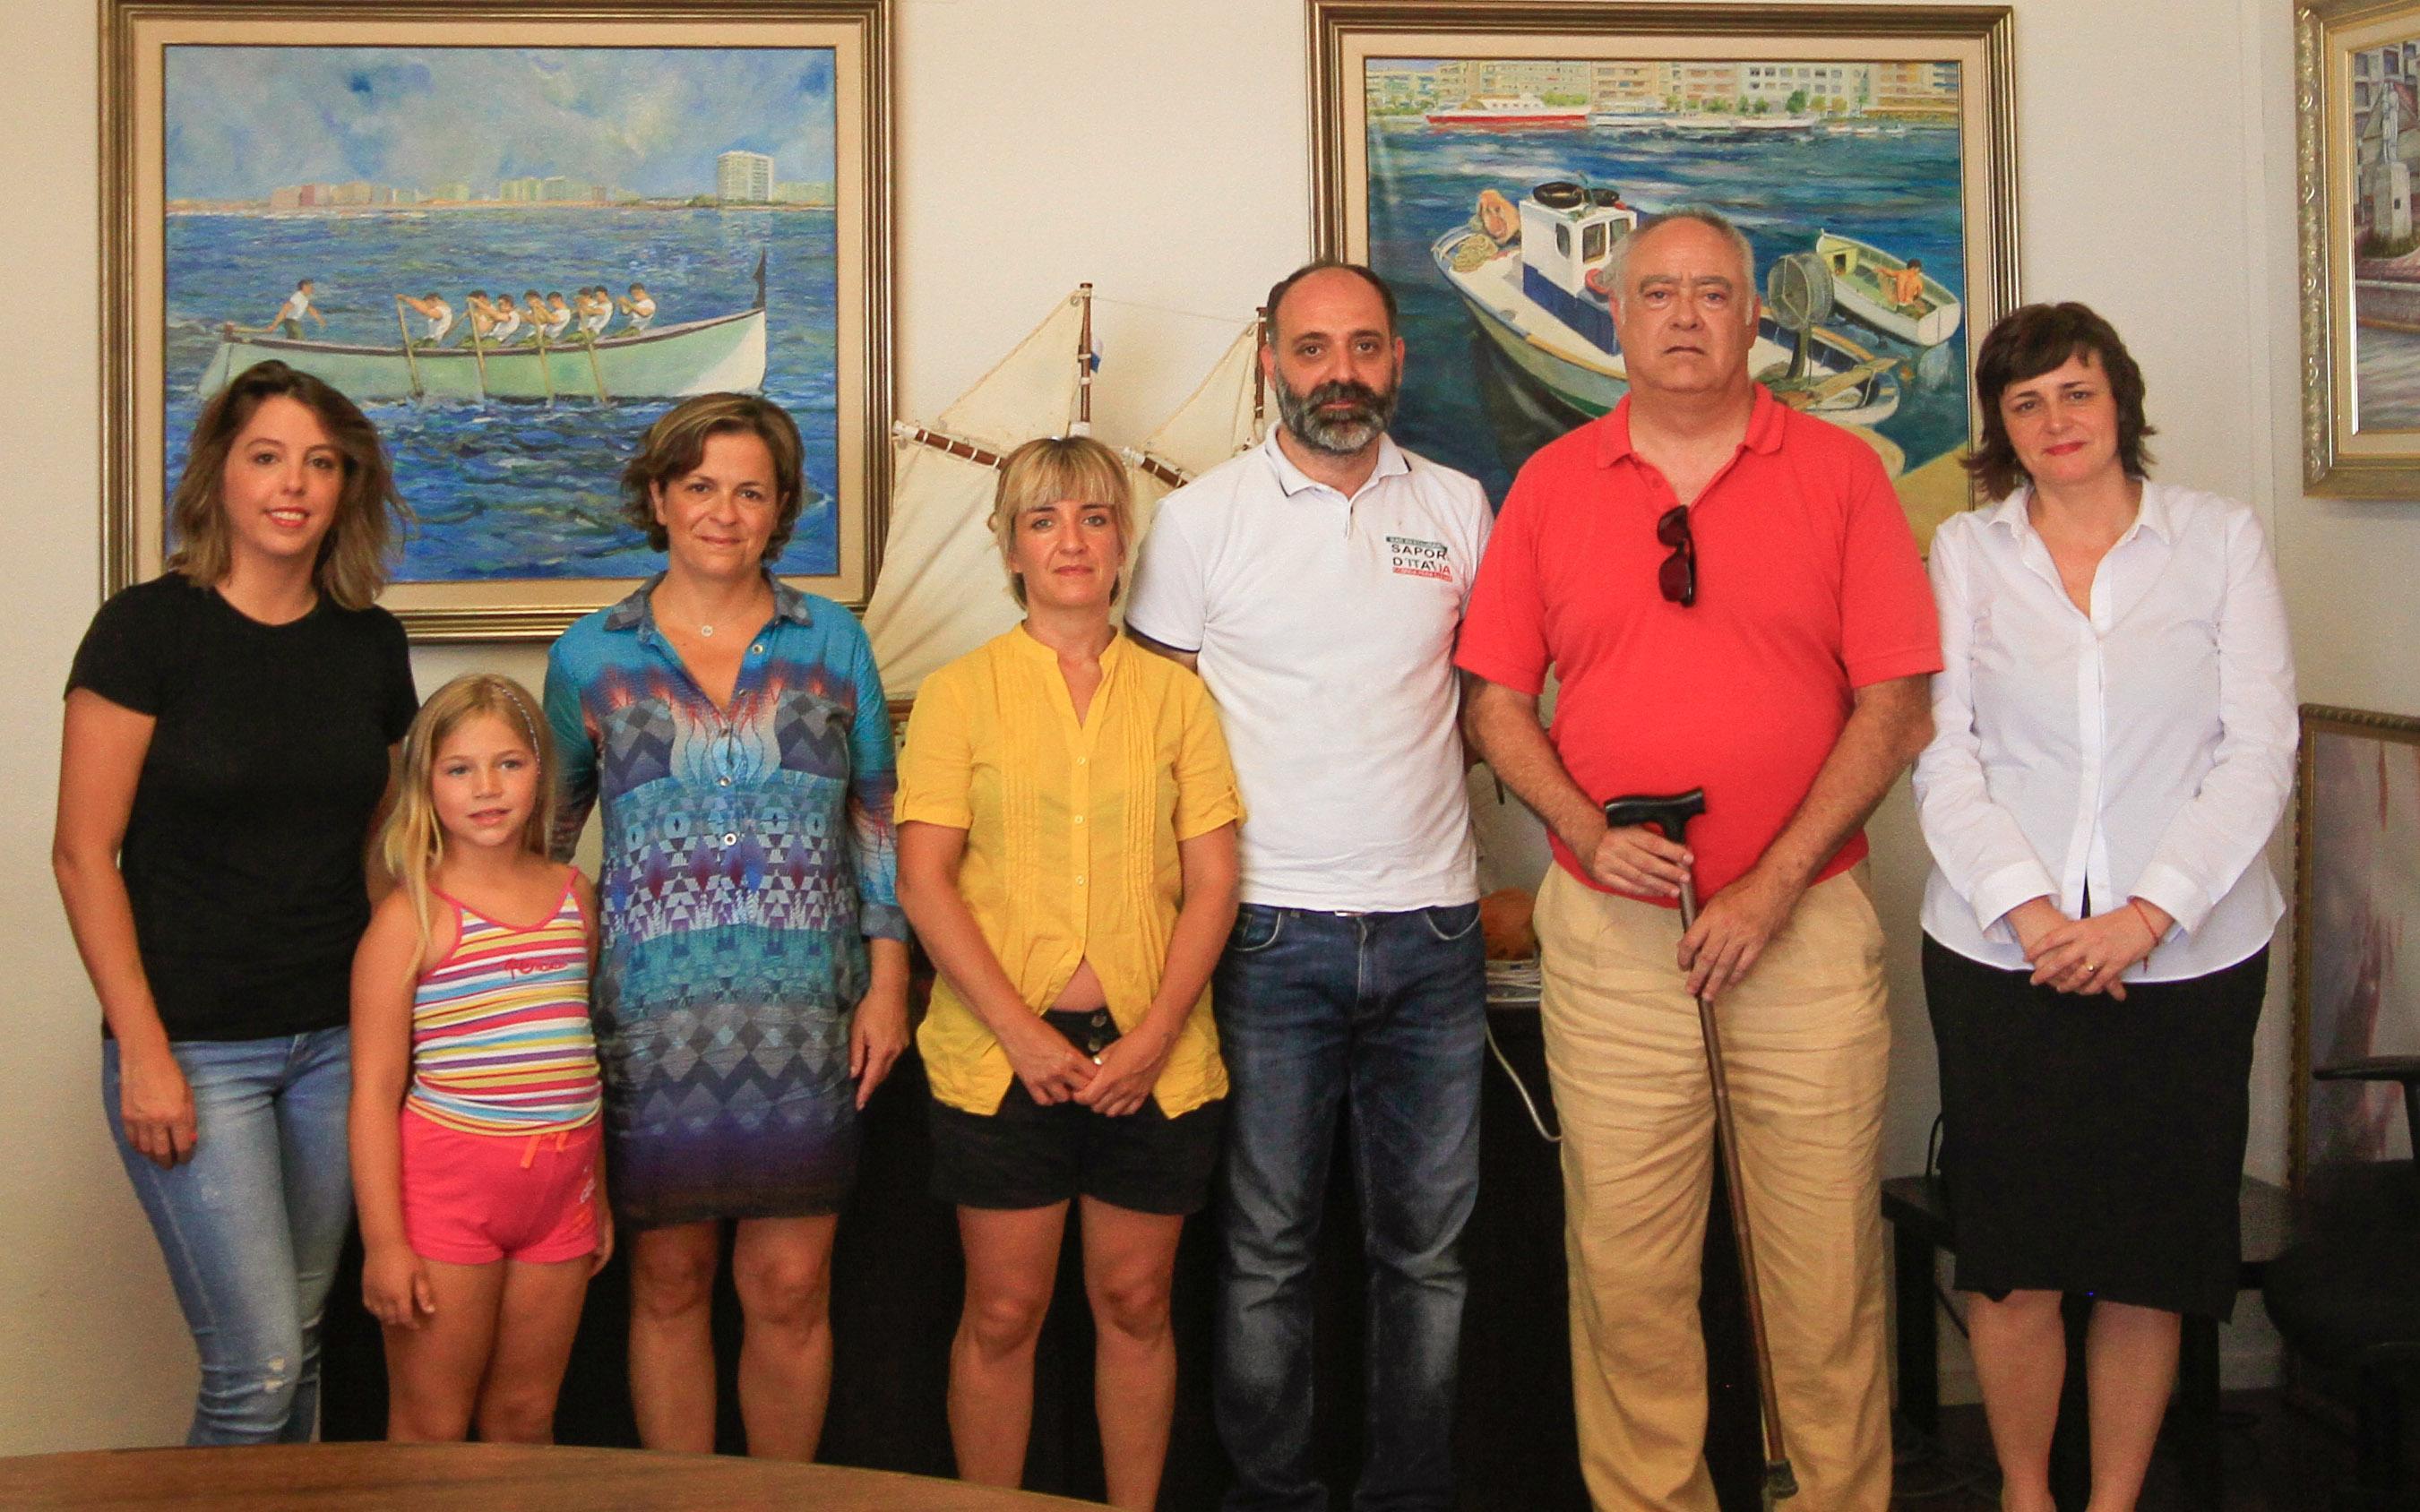 El arte se une con el Mediterráneo para traer a Santa Pola una expsición que nos hará viajar hasta el sur